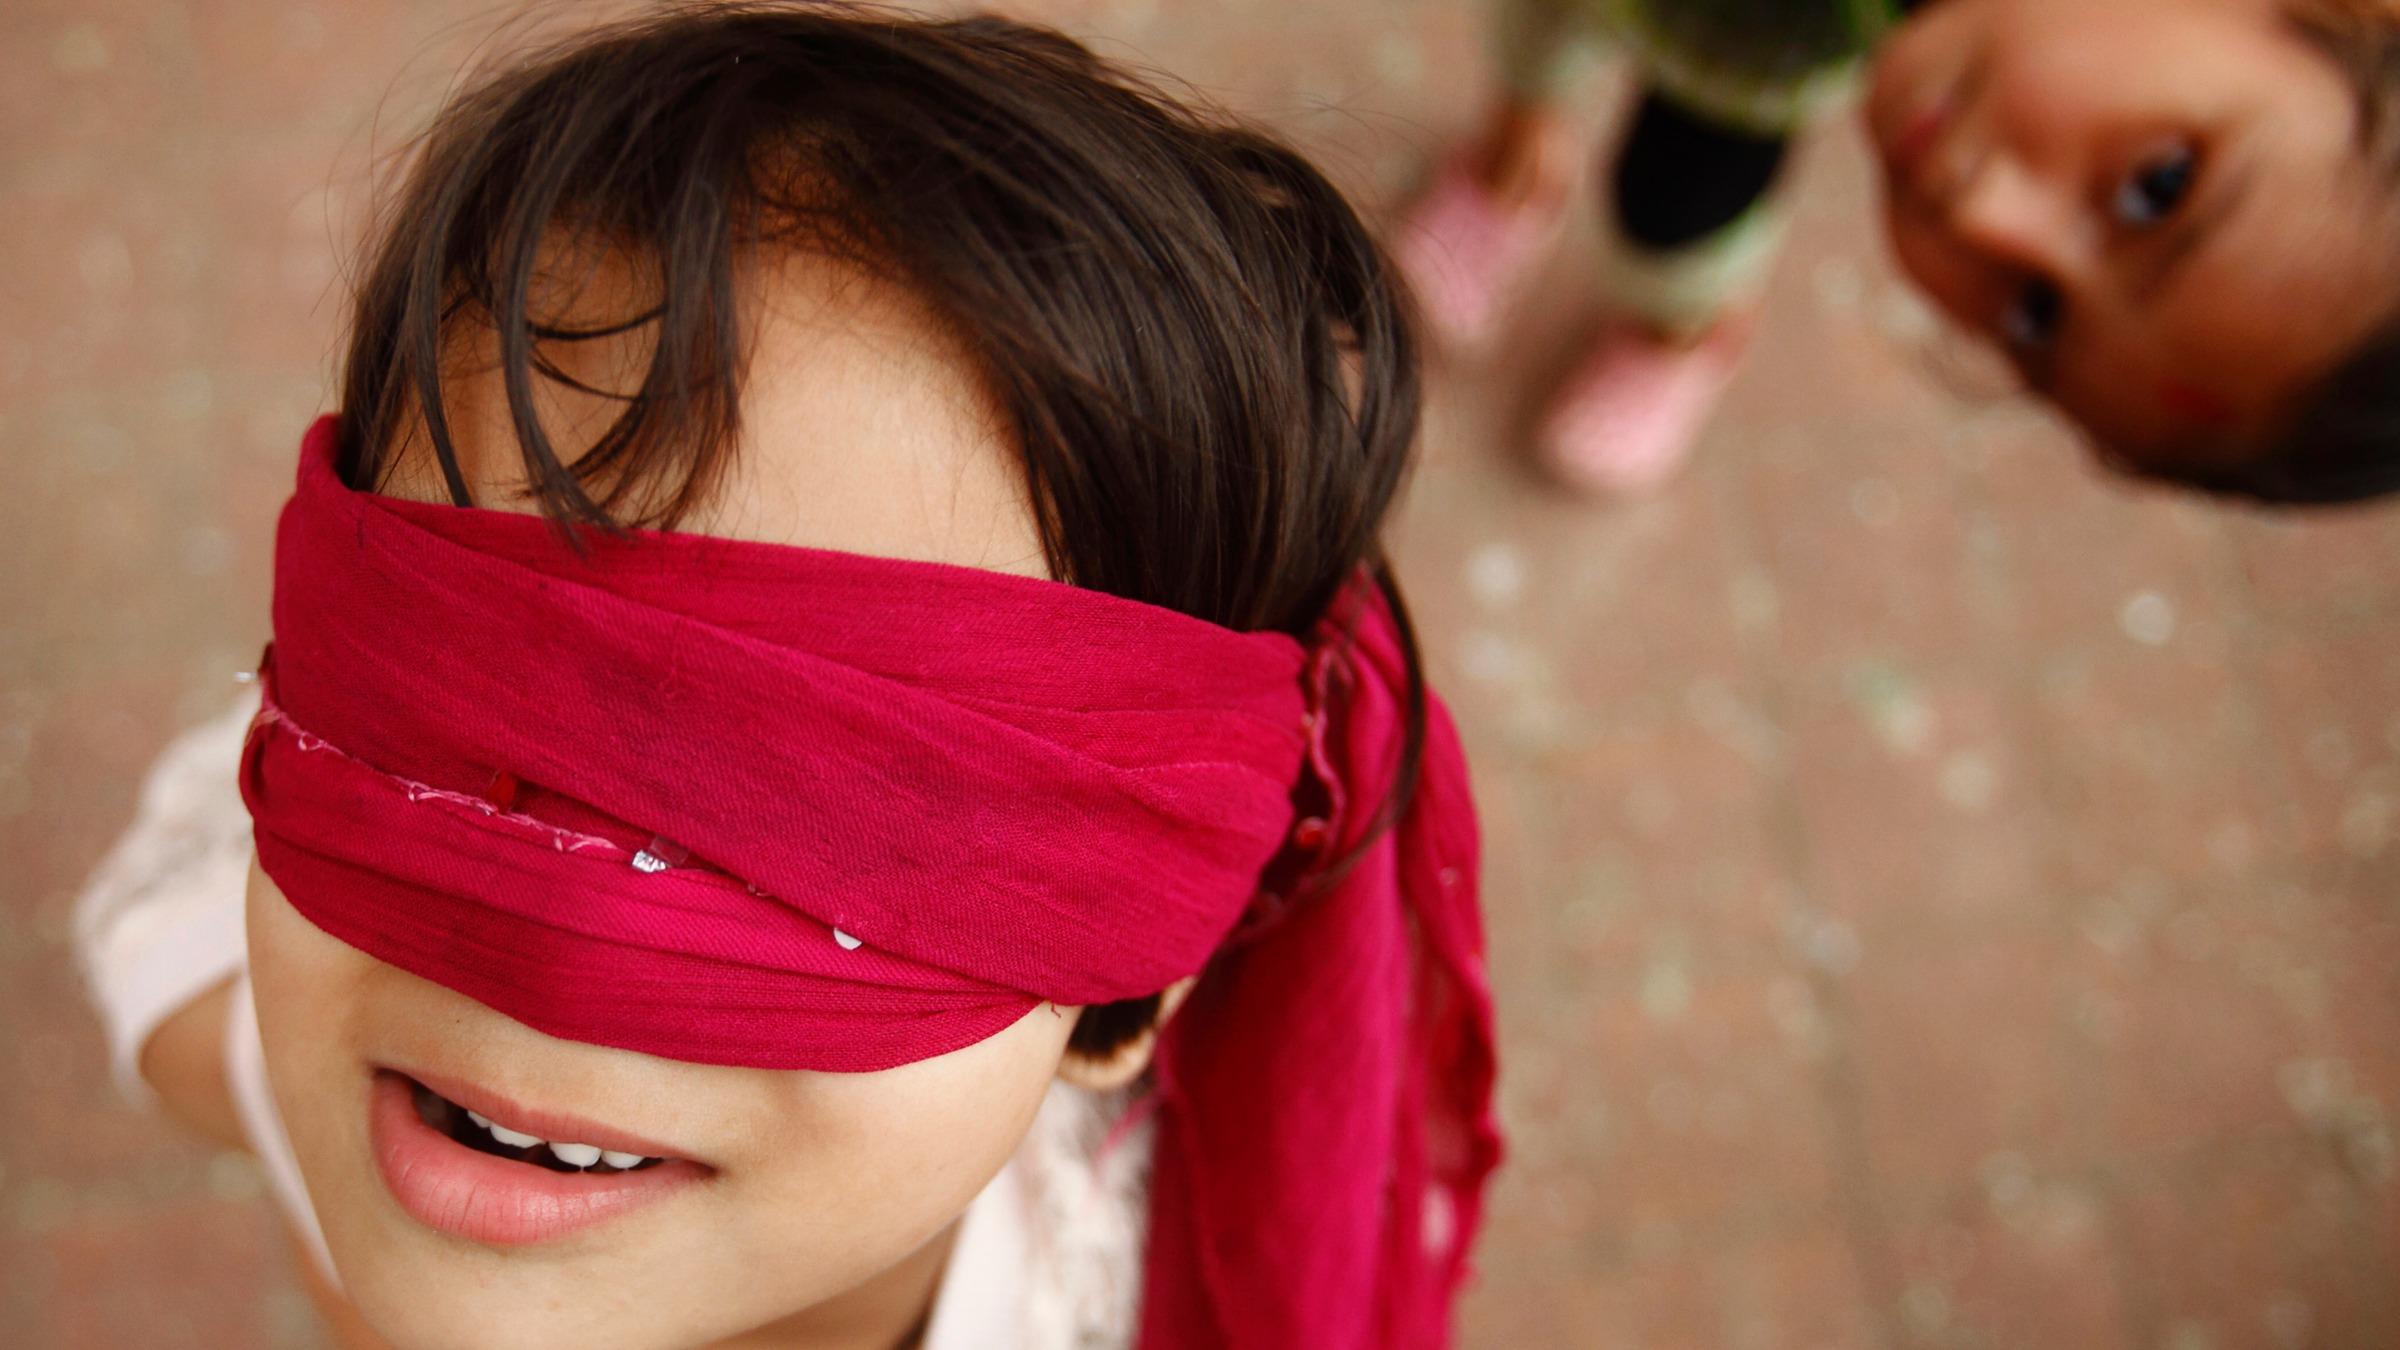 China economy blindfolded child